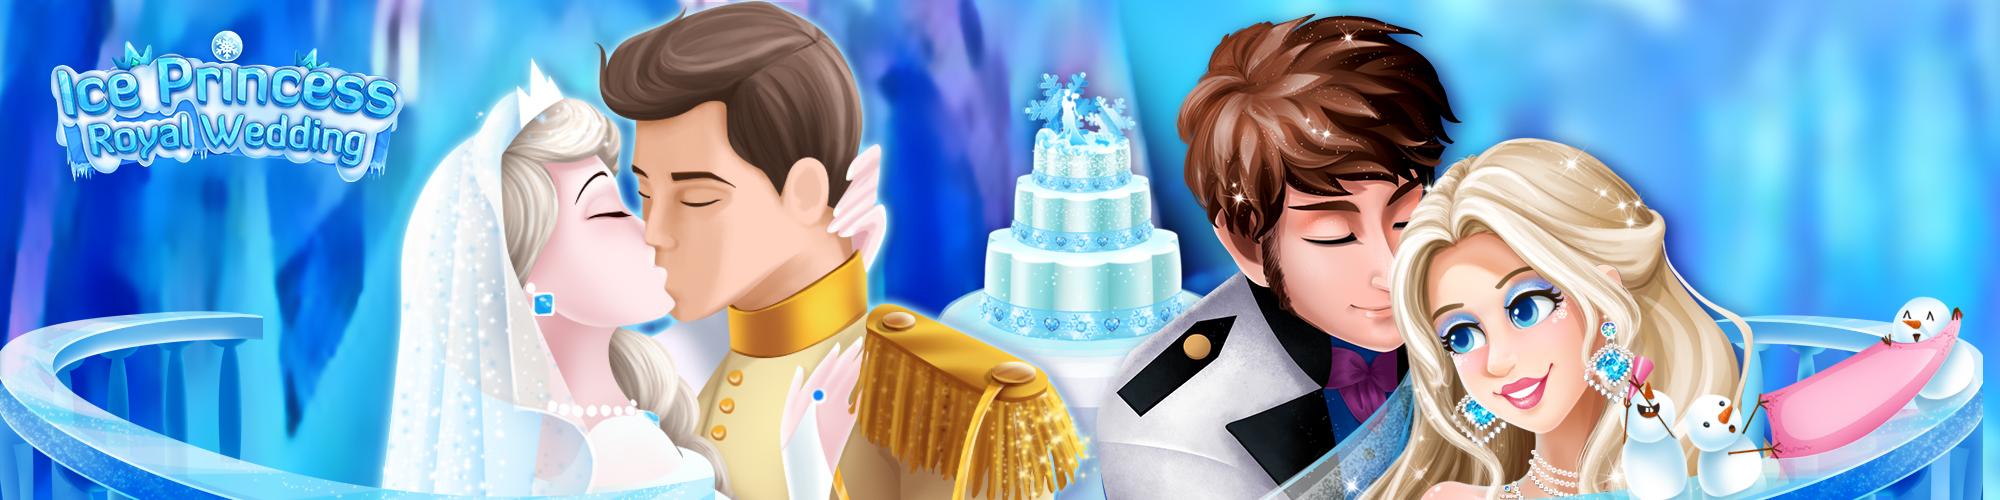 Ice Princess Royal Wedding